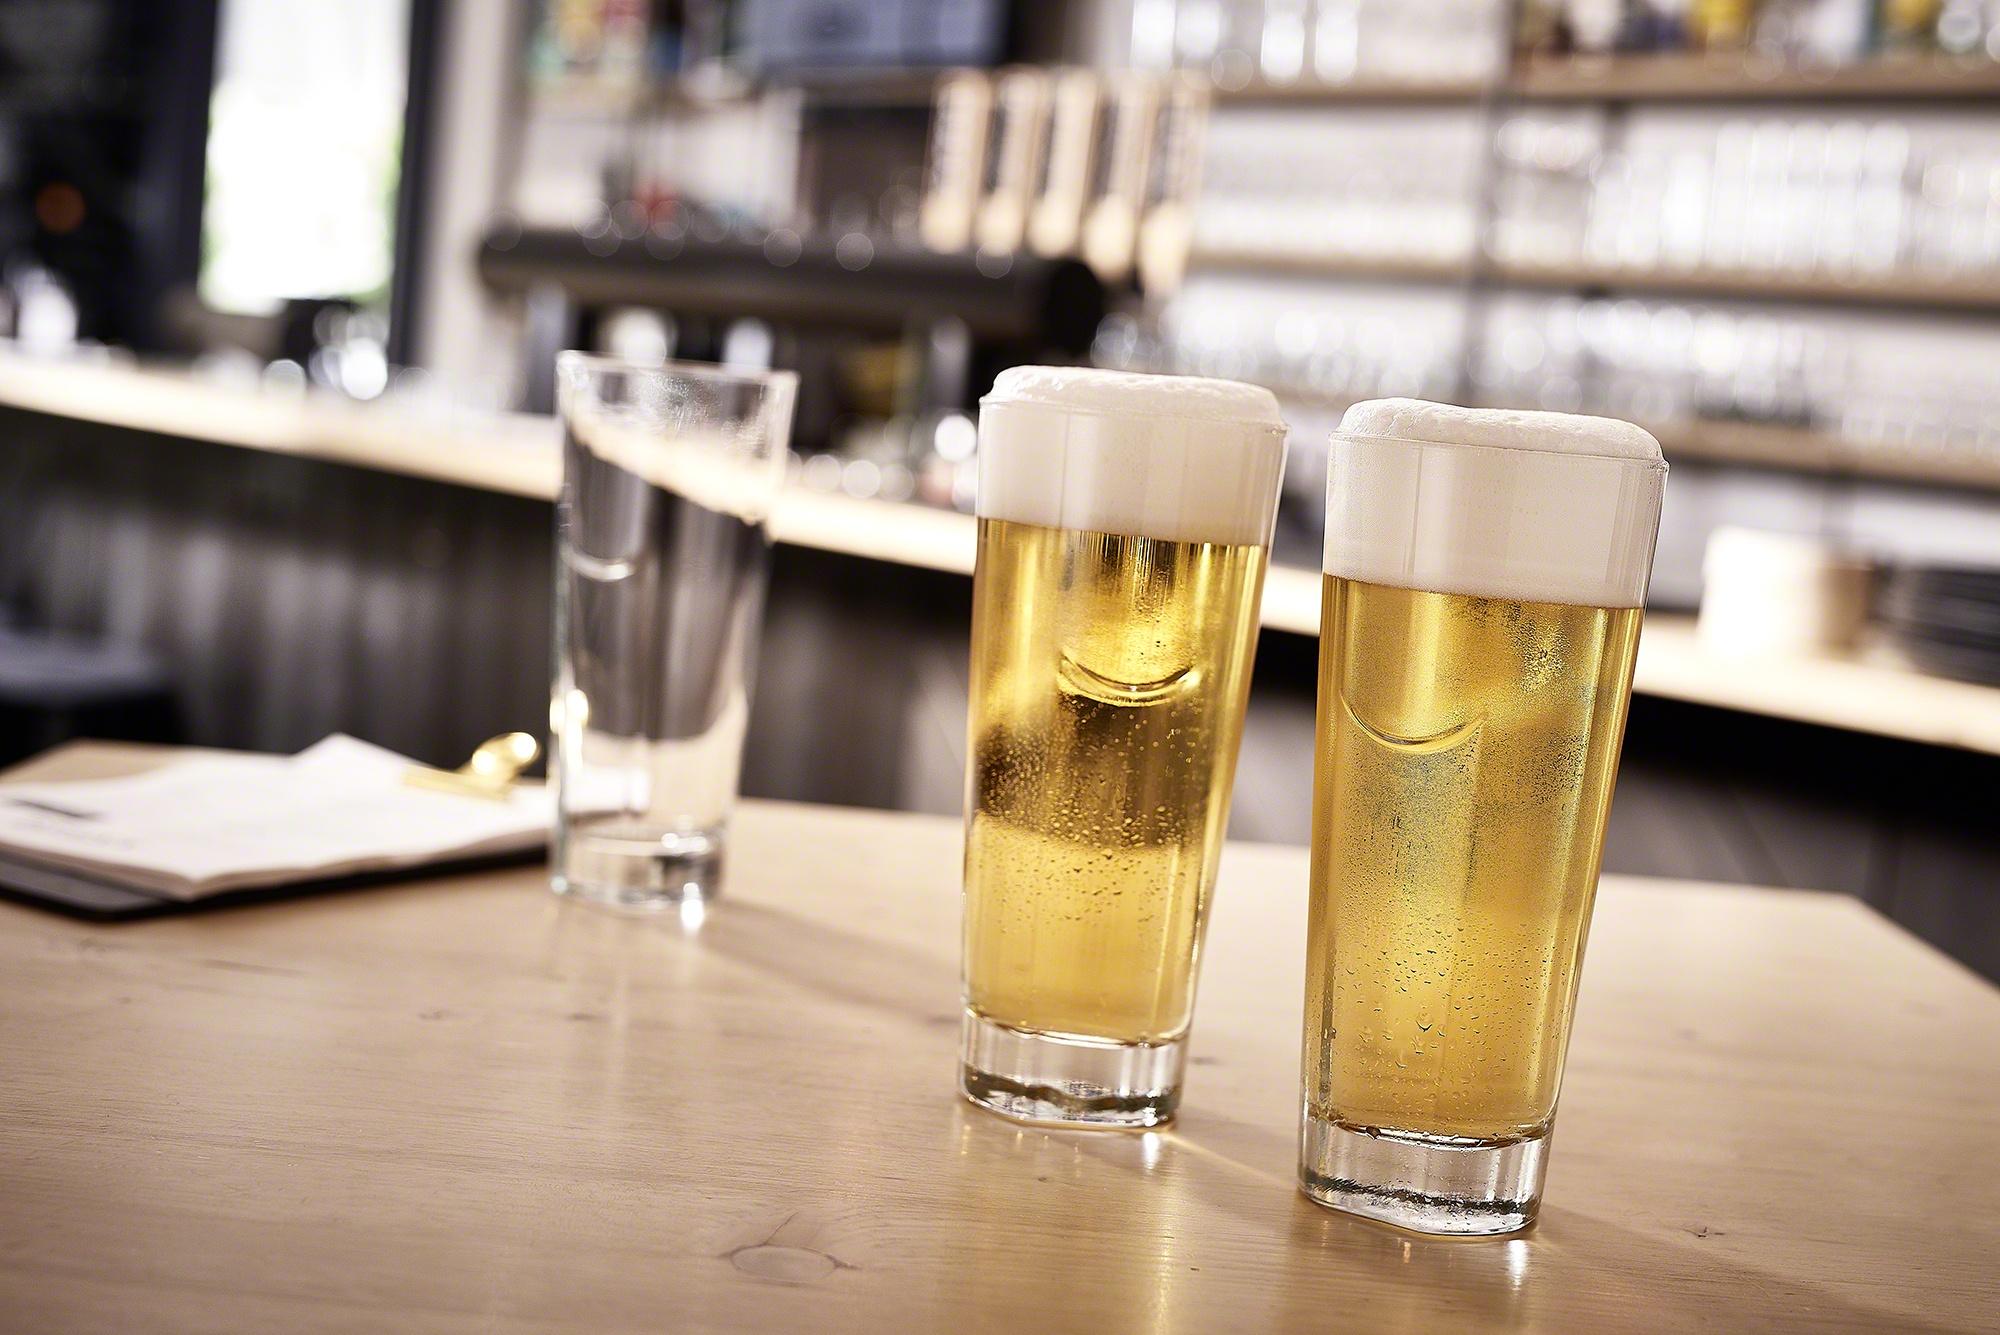 glas, bier, getränk, rastal, produkt, bar, leer, pils, weizen, articus und röttgen fotografie, köln,koblenz, bonn, brexx, brexx grenzau, hotel zugbrücke, produktfotografie